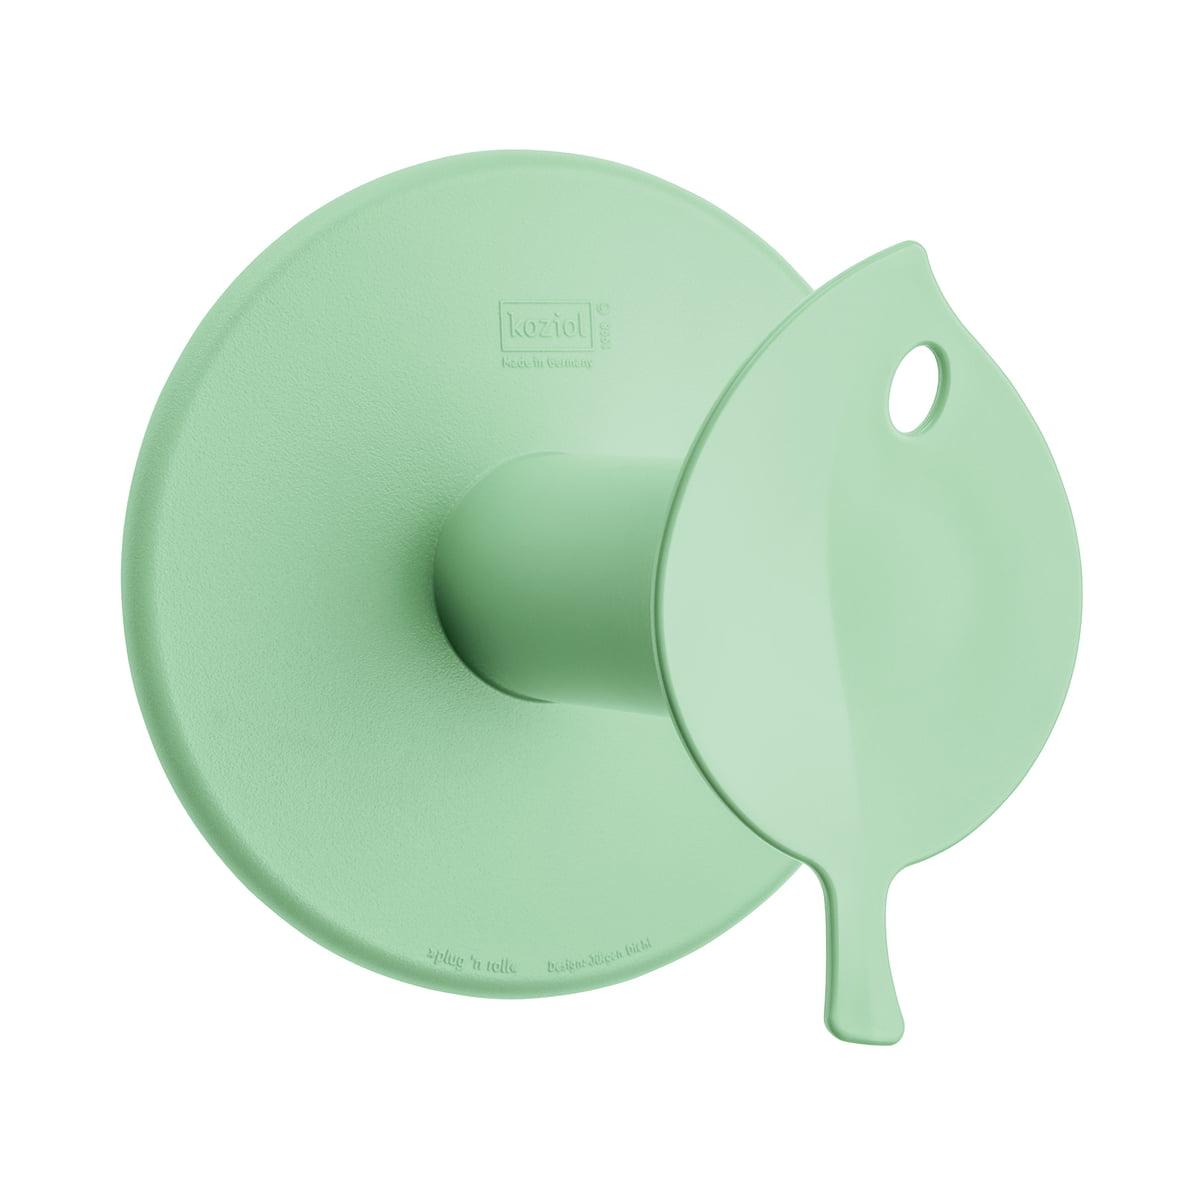 Koziol - Sense WC-Rollenhalter, solid mint | Bad > Bad-Accessoires > Toilettenpapierhalter | Mint | Kunststoff aus nachwachsenden rohstoffen (zuckerrohr) | Koziol